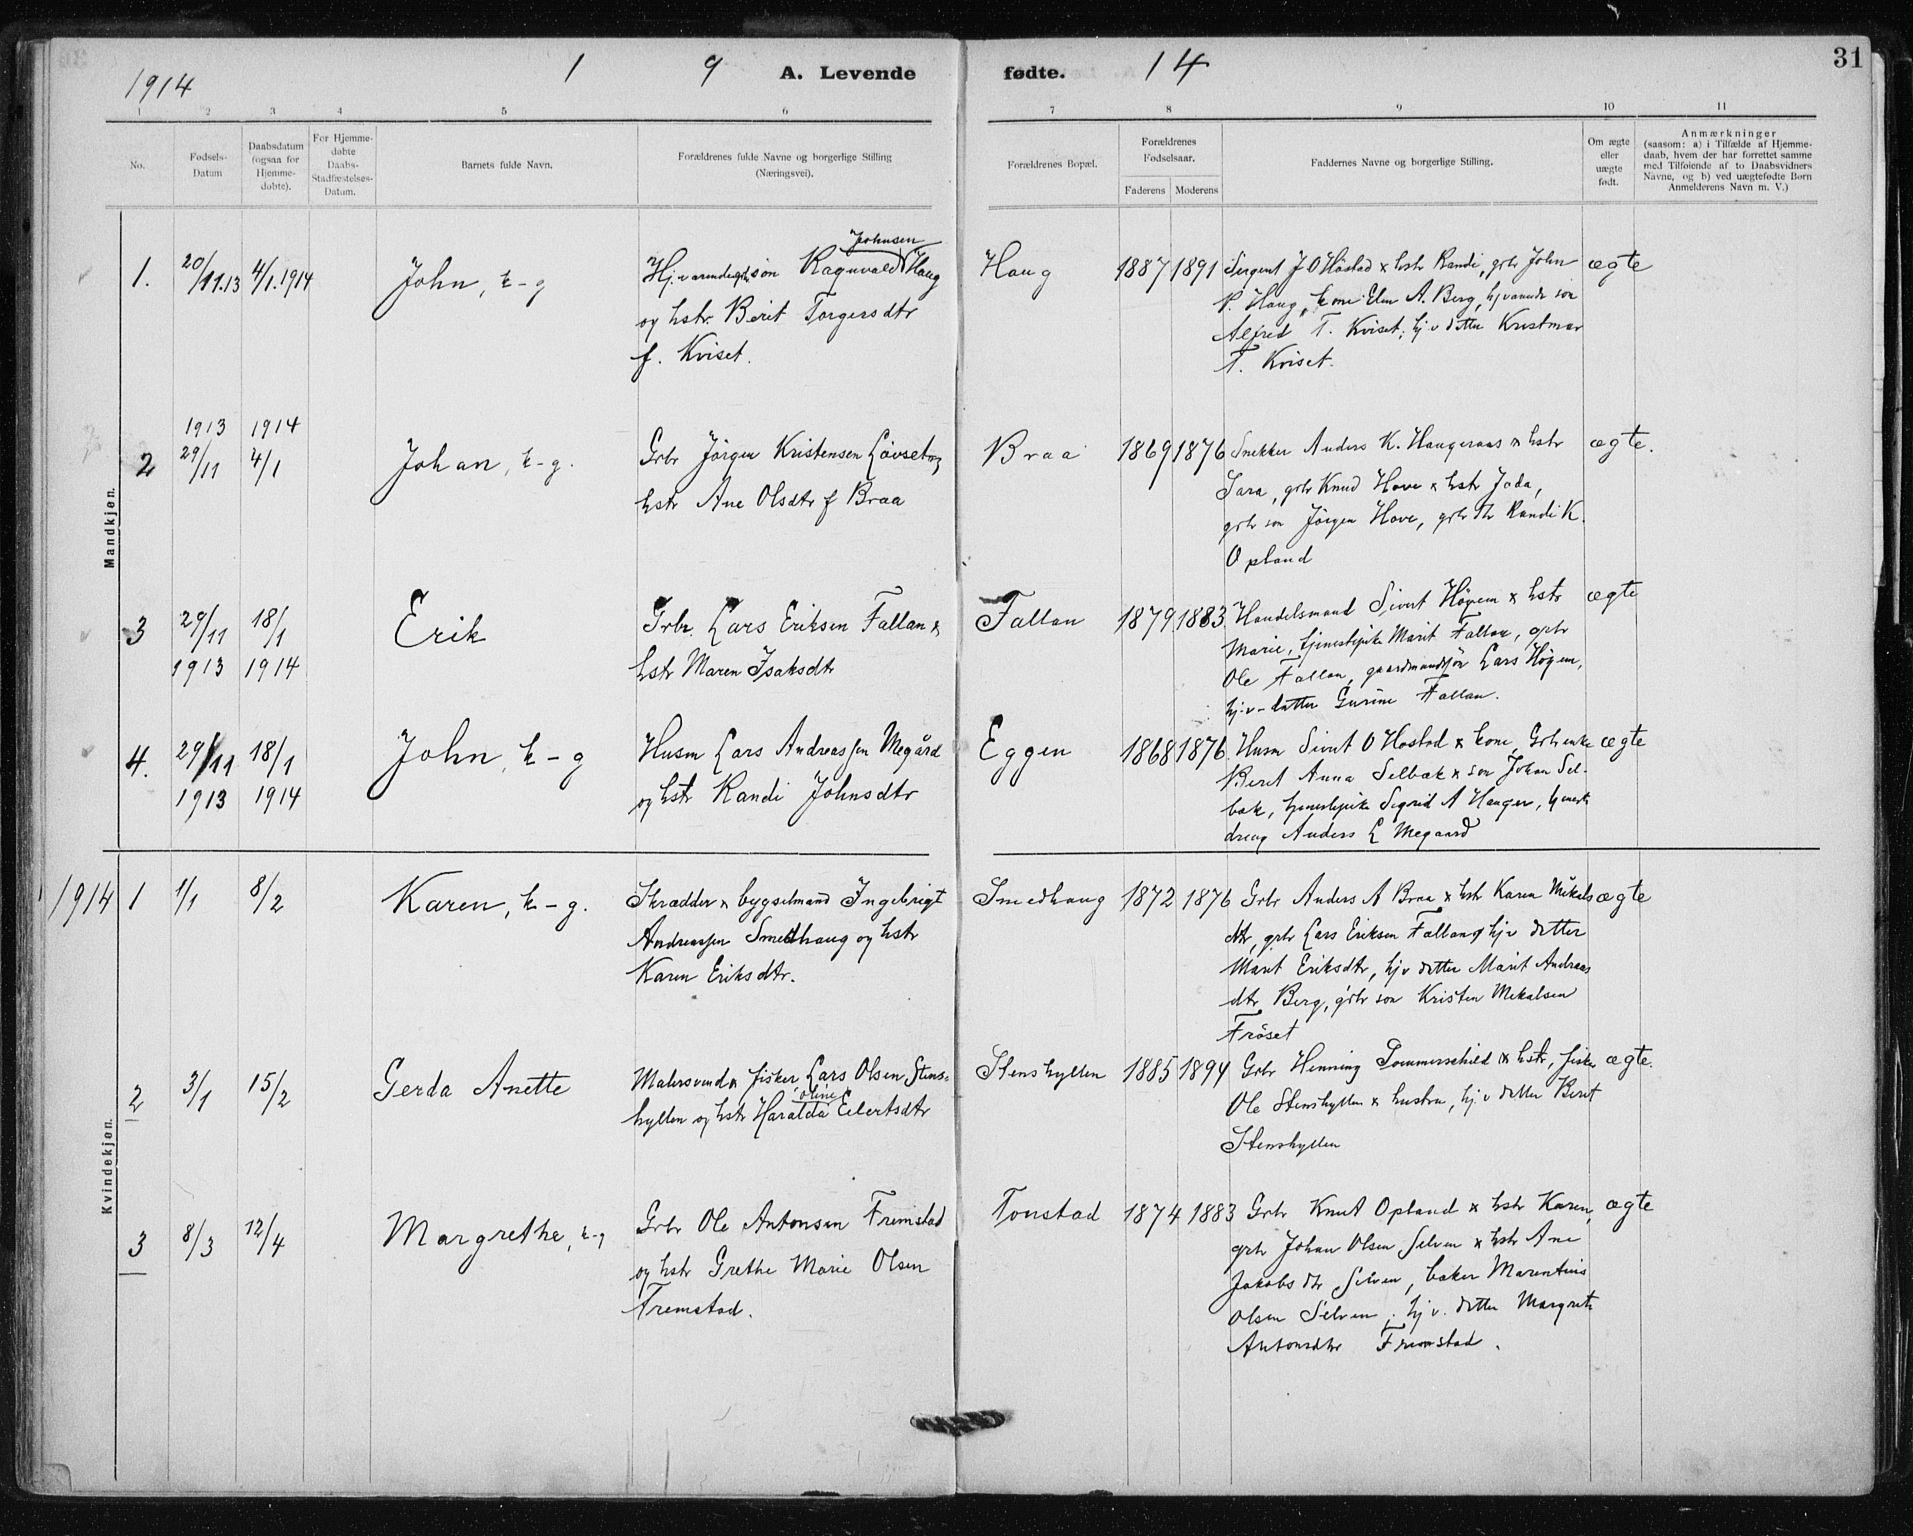 SAT, Ministerialprotokoller, klokkerbøker og fødselsregistre - Sør-Trøndelag, 612/L0381: Ministerialbok nr. 612A13, 1907-1923, s. 31